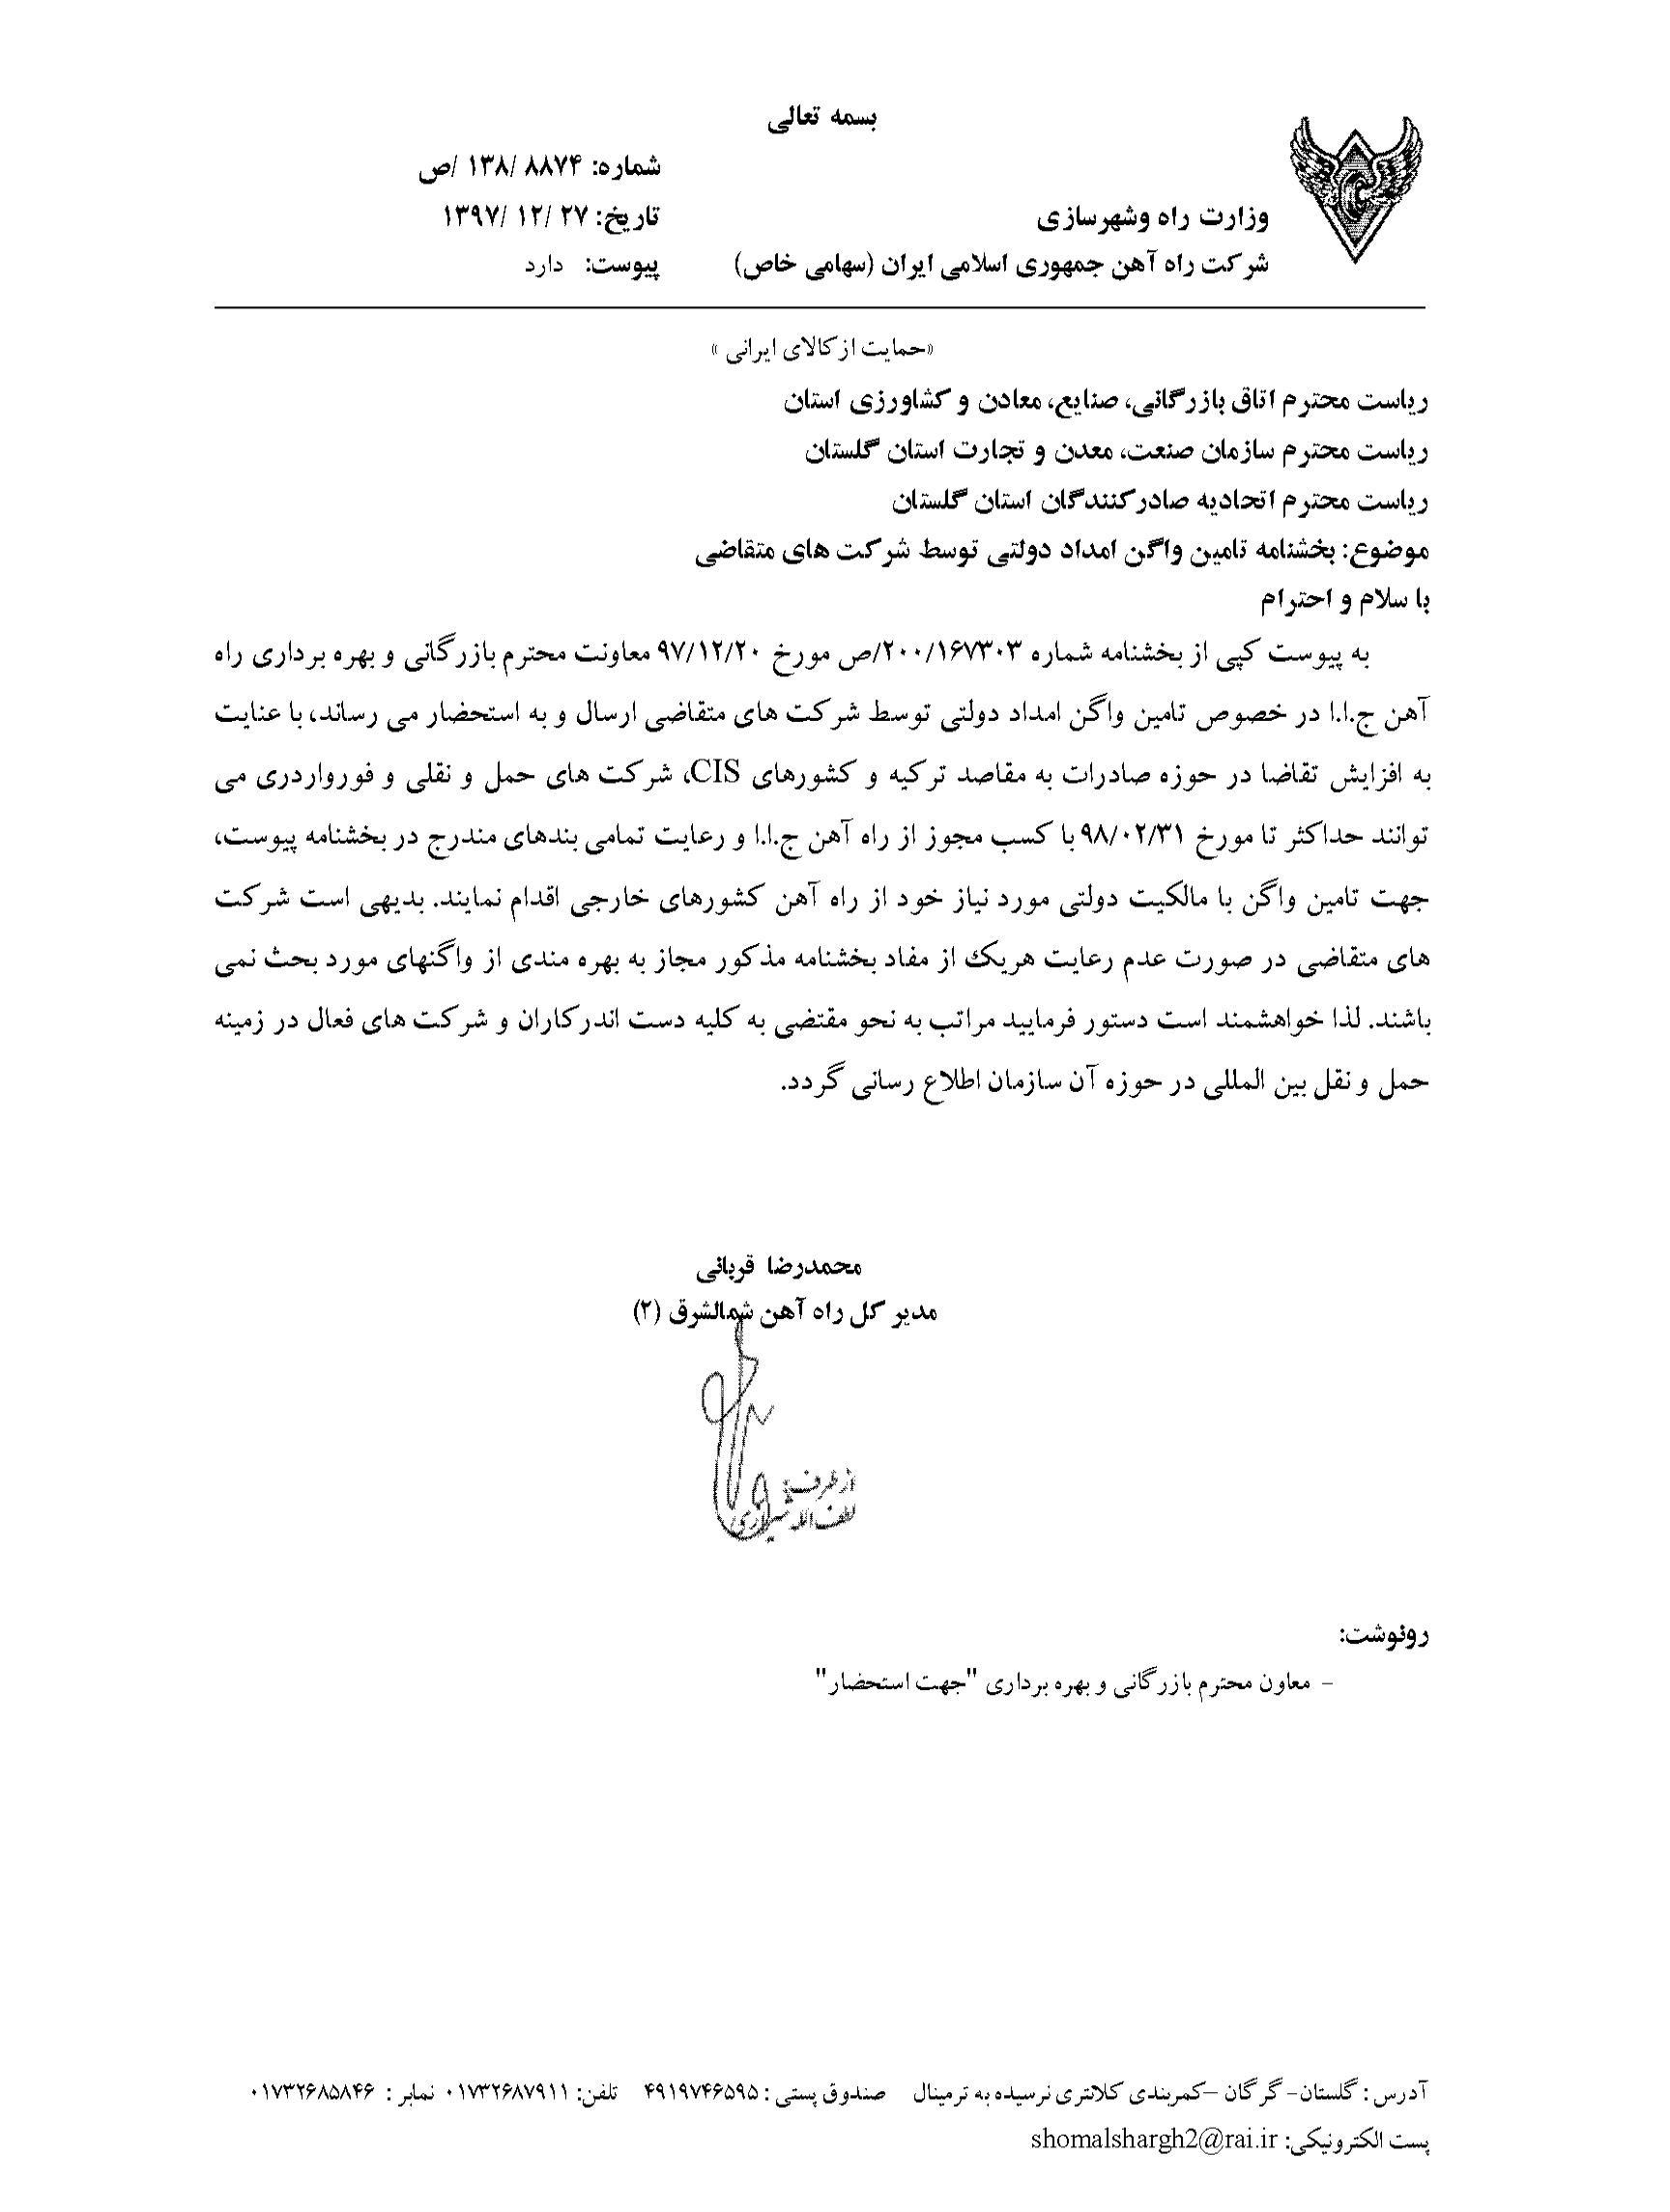 بخشنامه تامین واگن امدادی دولتی توسط شرکت های متقاضی